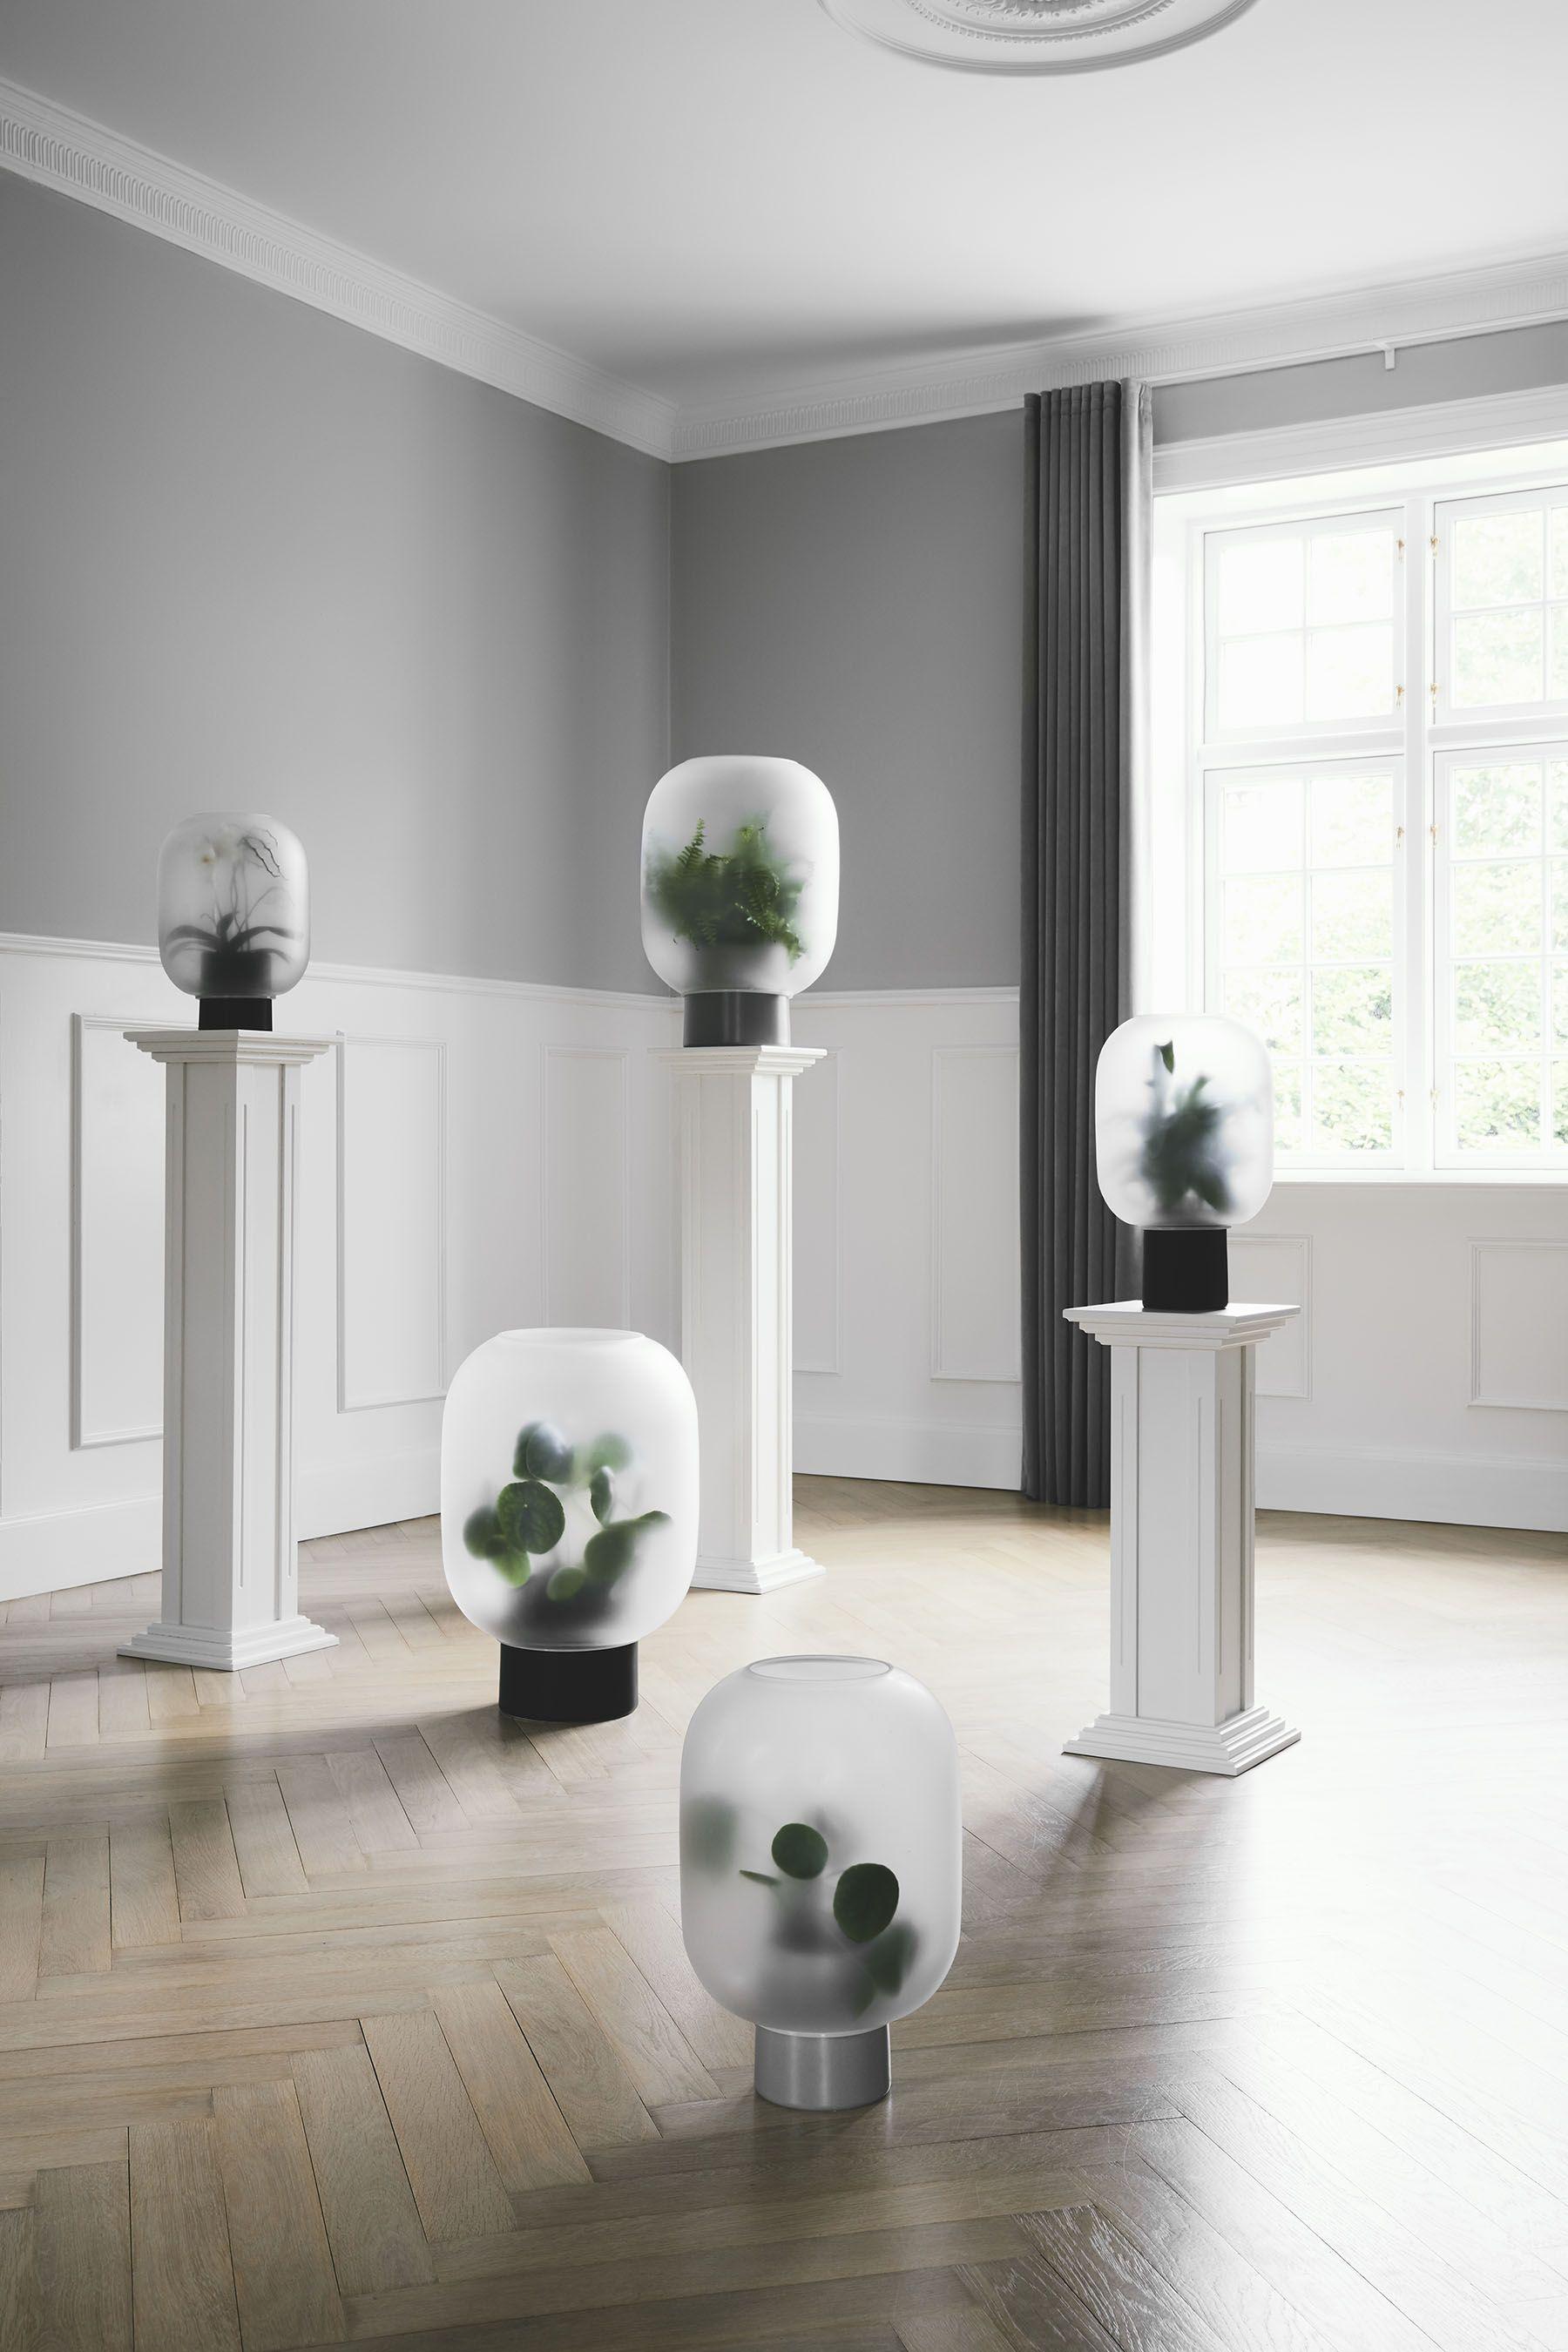 5 Planter Designs Advocating For Greener Interiors Minimalistische Einrichtung Schoner Wohnen Wohnzimmer Einrichtungsideen